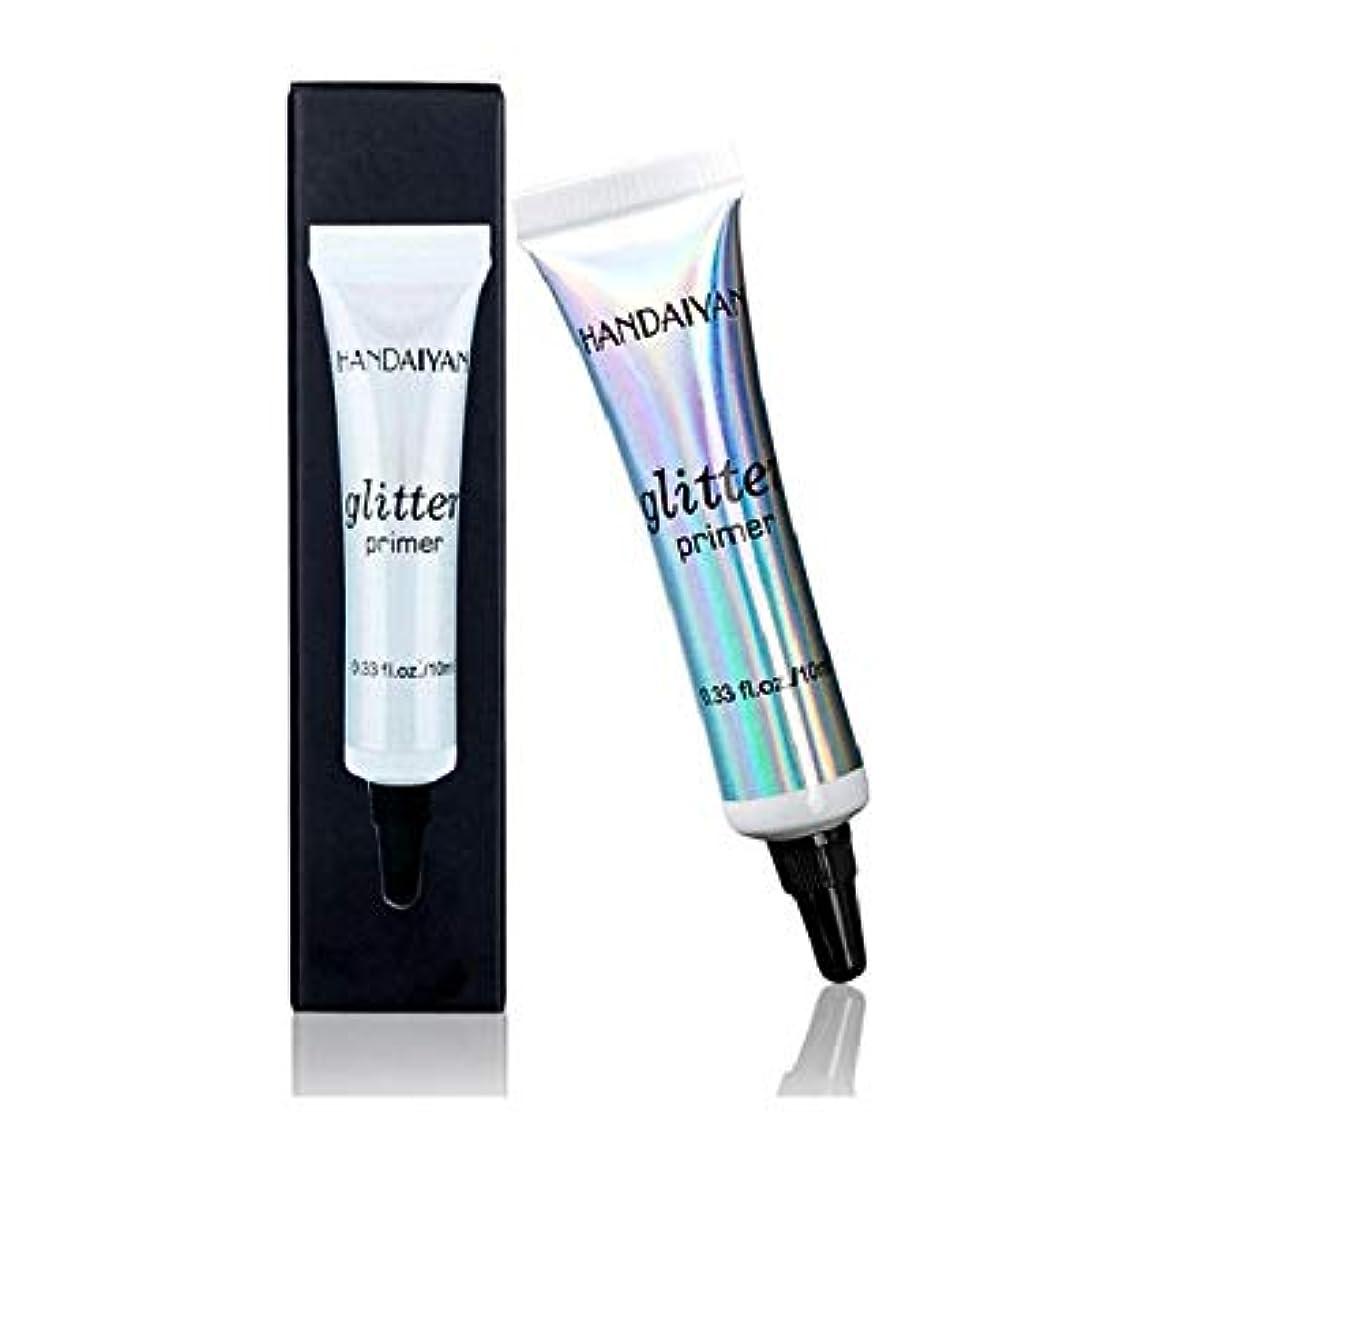 受ける納税者精神的にアイシャドウSequin Glitter Eye Shadow Fashion Face Lip Eye Makeup Primer Cream Women Universal Makeup Cosmetic